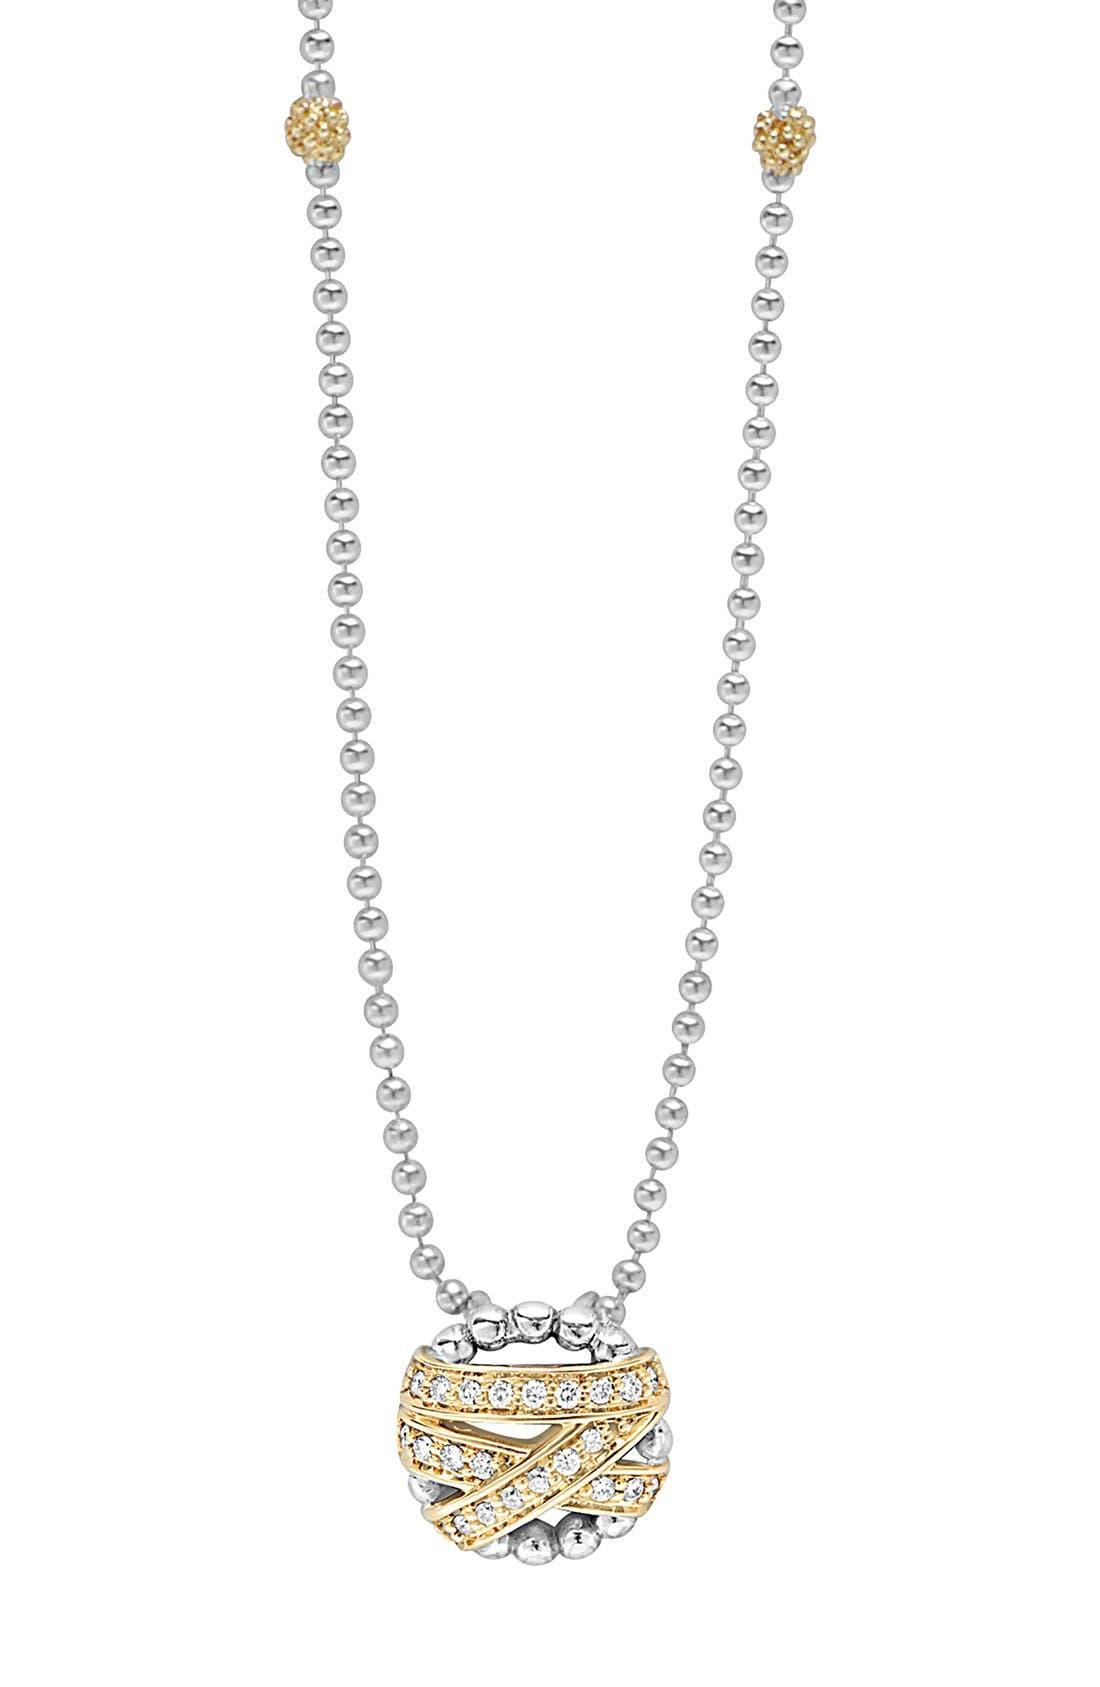 'Diamonds & Caviar' Pendant Necklace,                         Main,                         color, Silver/ Gold